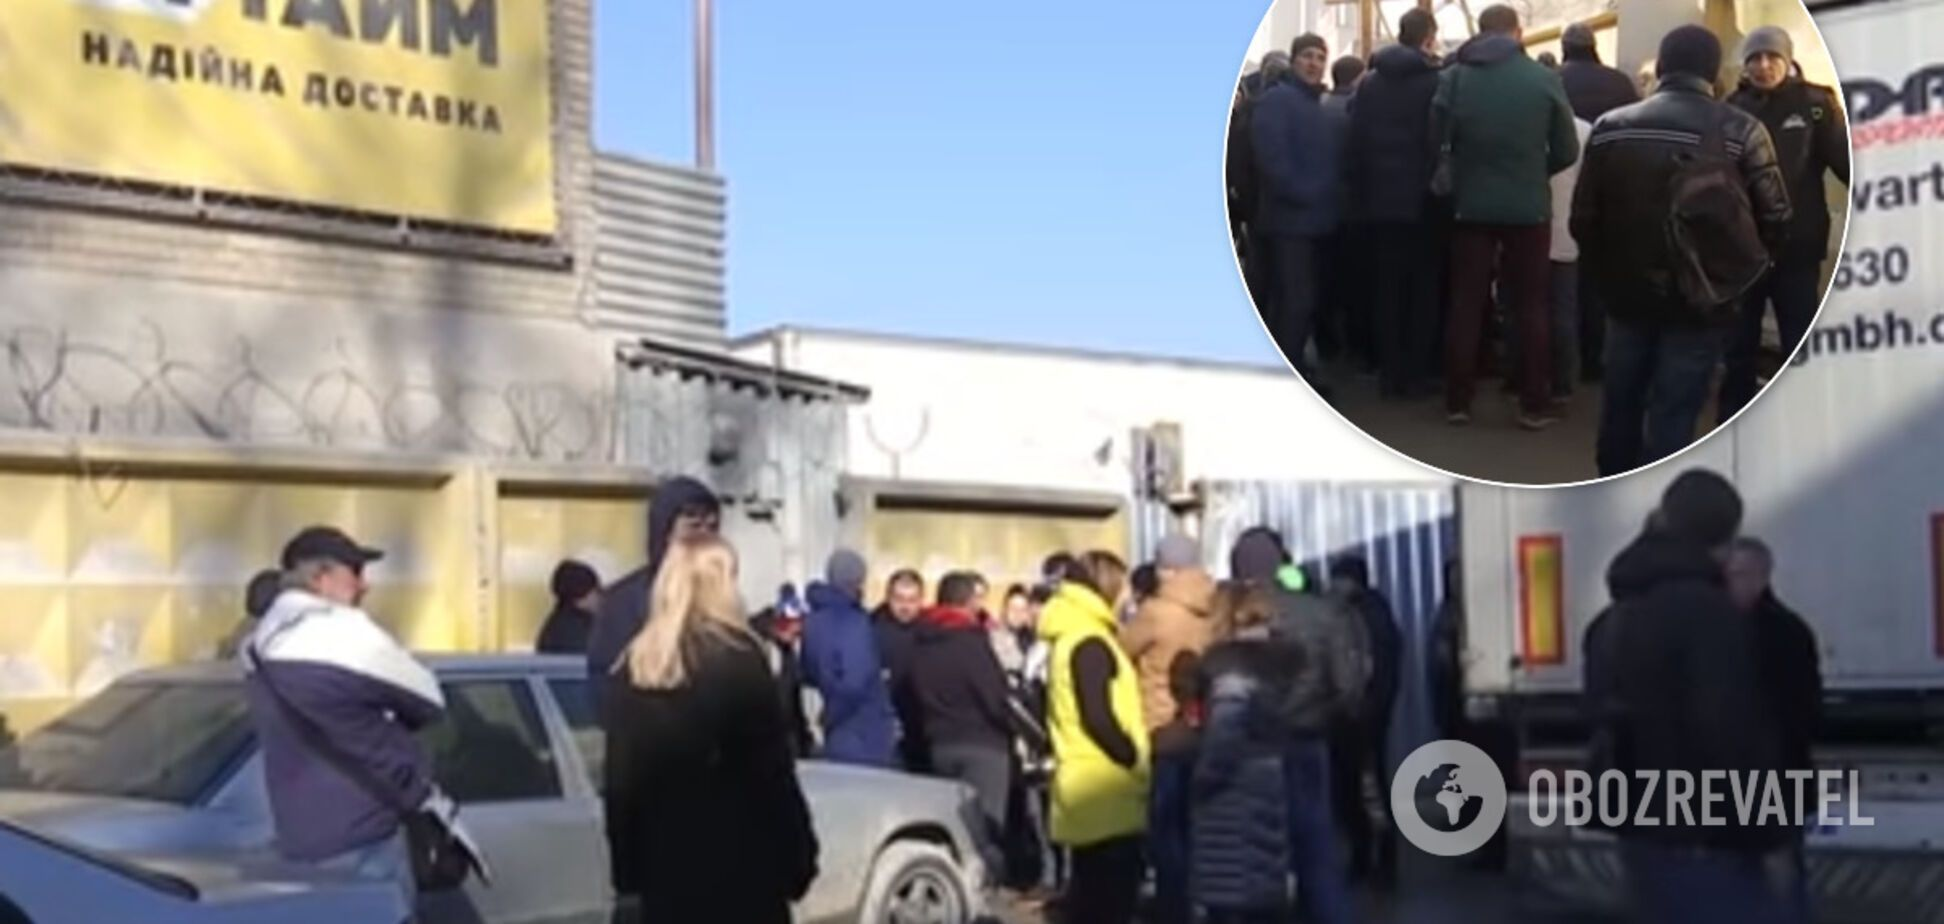 В Украине остановила работу одна из крупнейших служб доставки: что известно